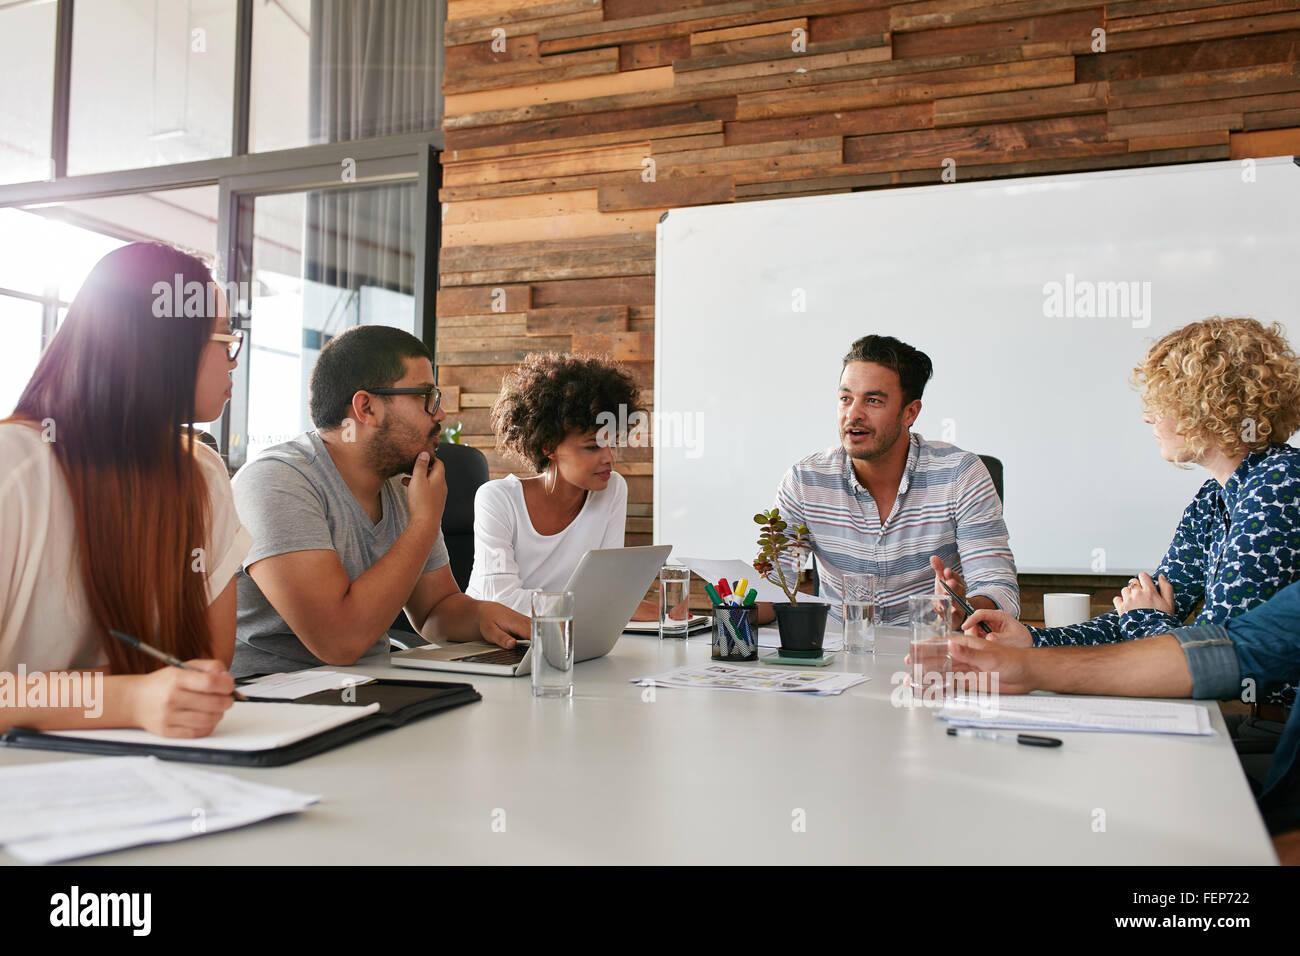 Inquadratura di un gruppo di giovani professionisti di aziende aventi una riunione nella sala riunioni. Gli impiegati Immagini Stock